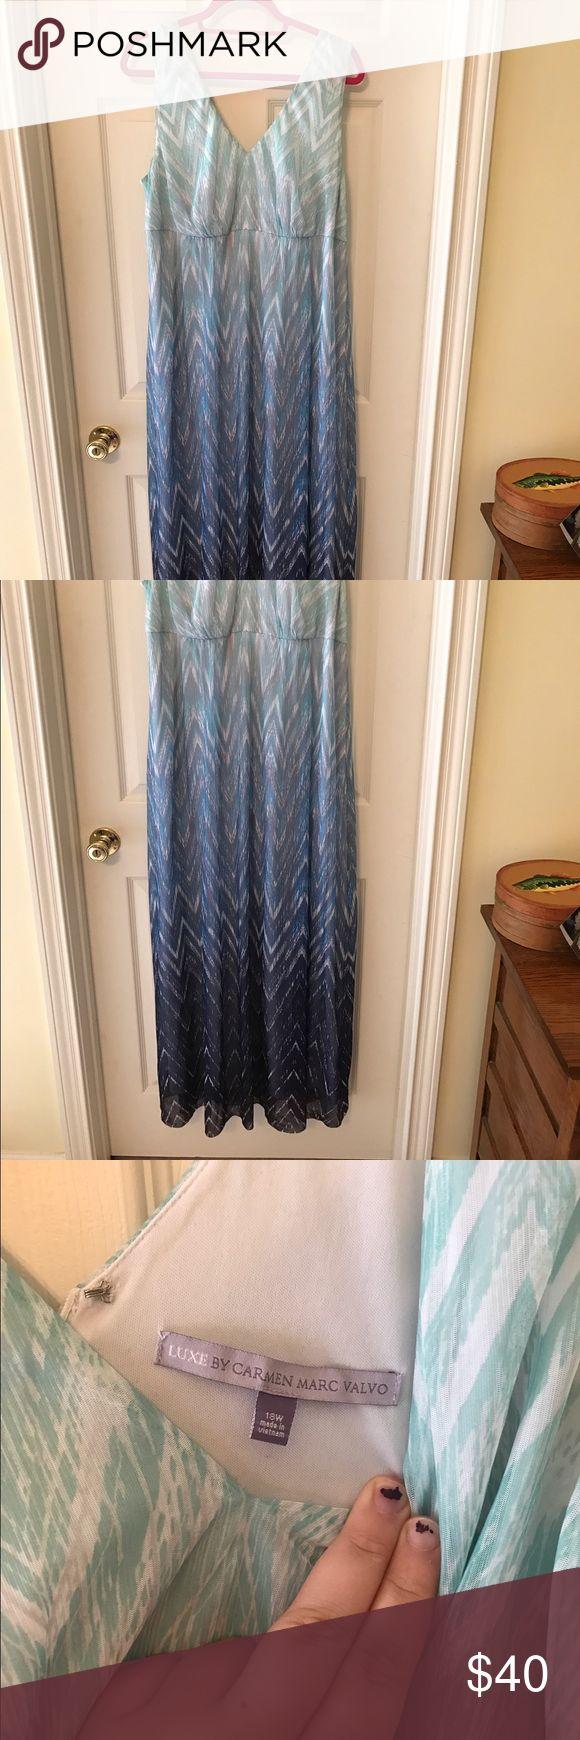 Dress barn 22/24w blue chevron maxi dress Dress barn maxi dress with chevron blue tea silver pattern size 18w but fits like a 22/24w (I wear that size and still wear it) Dress Barn Dresses Maxi